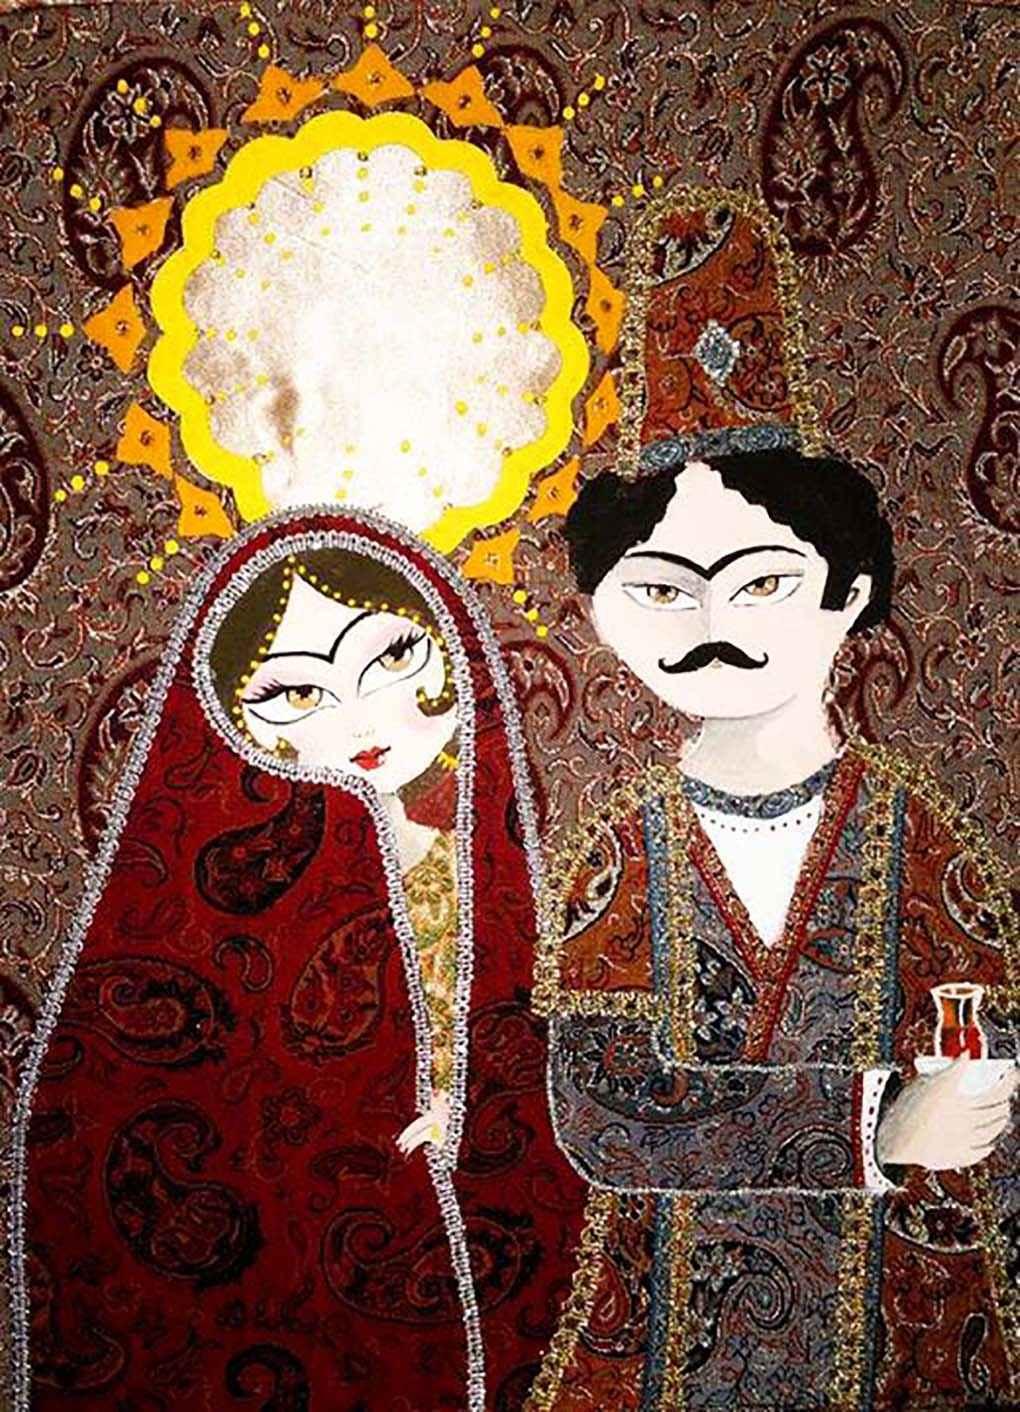 پروفایل زیبا برا عید نوروز , یک عکس برای عید نوروز